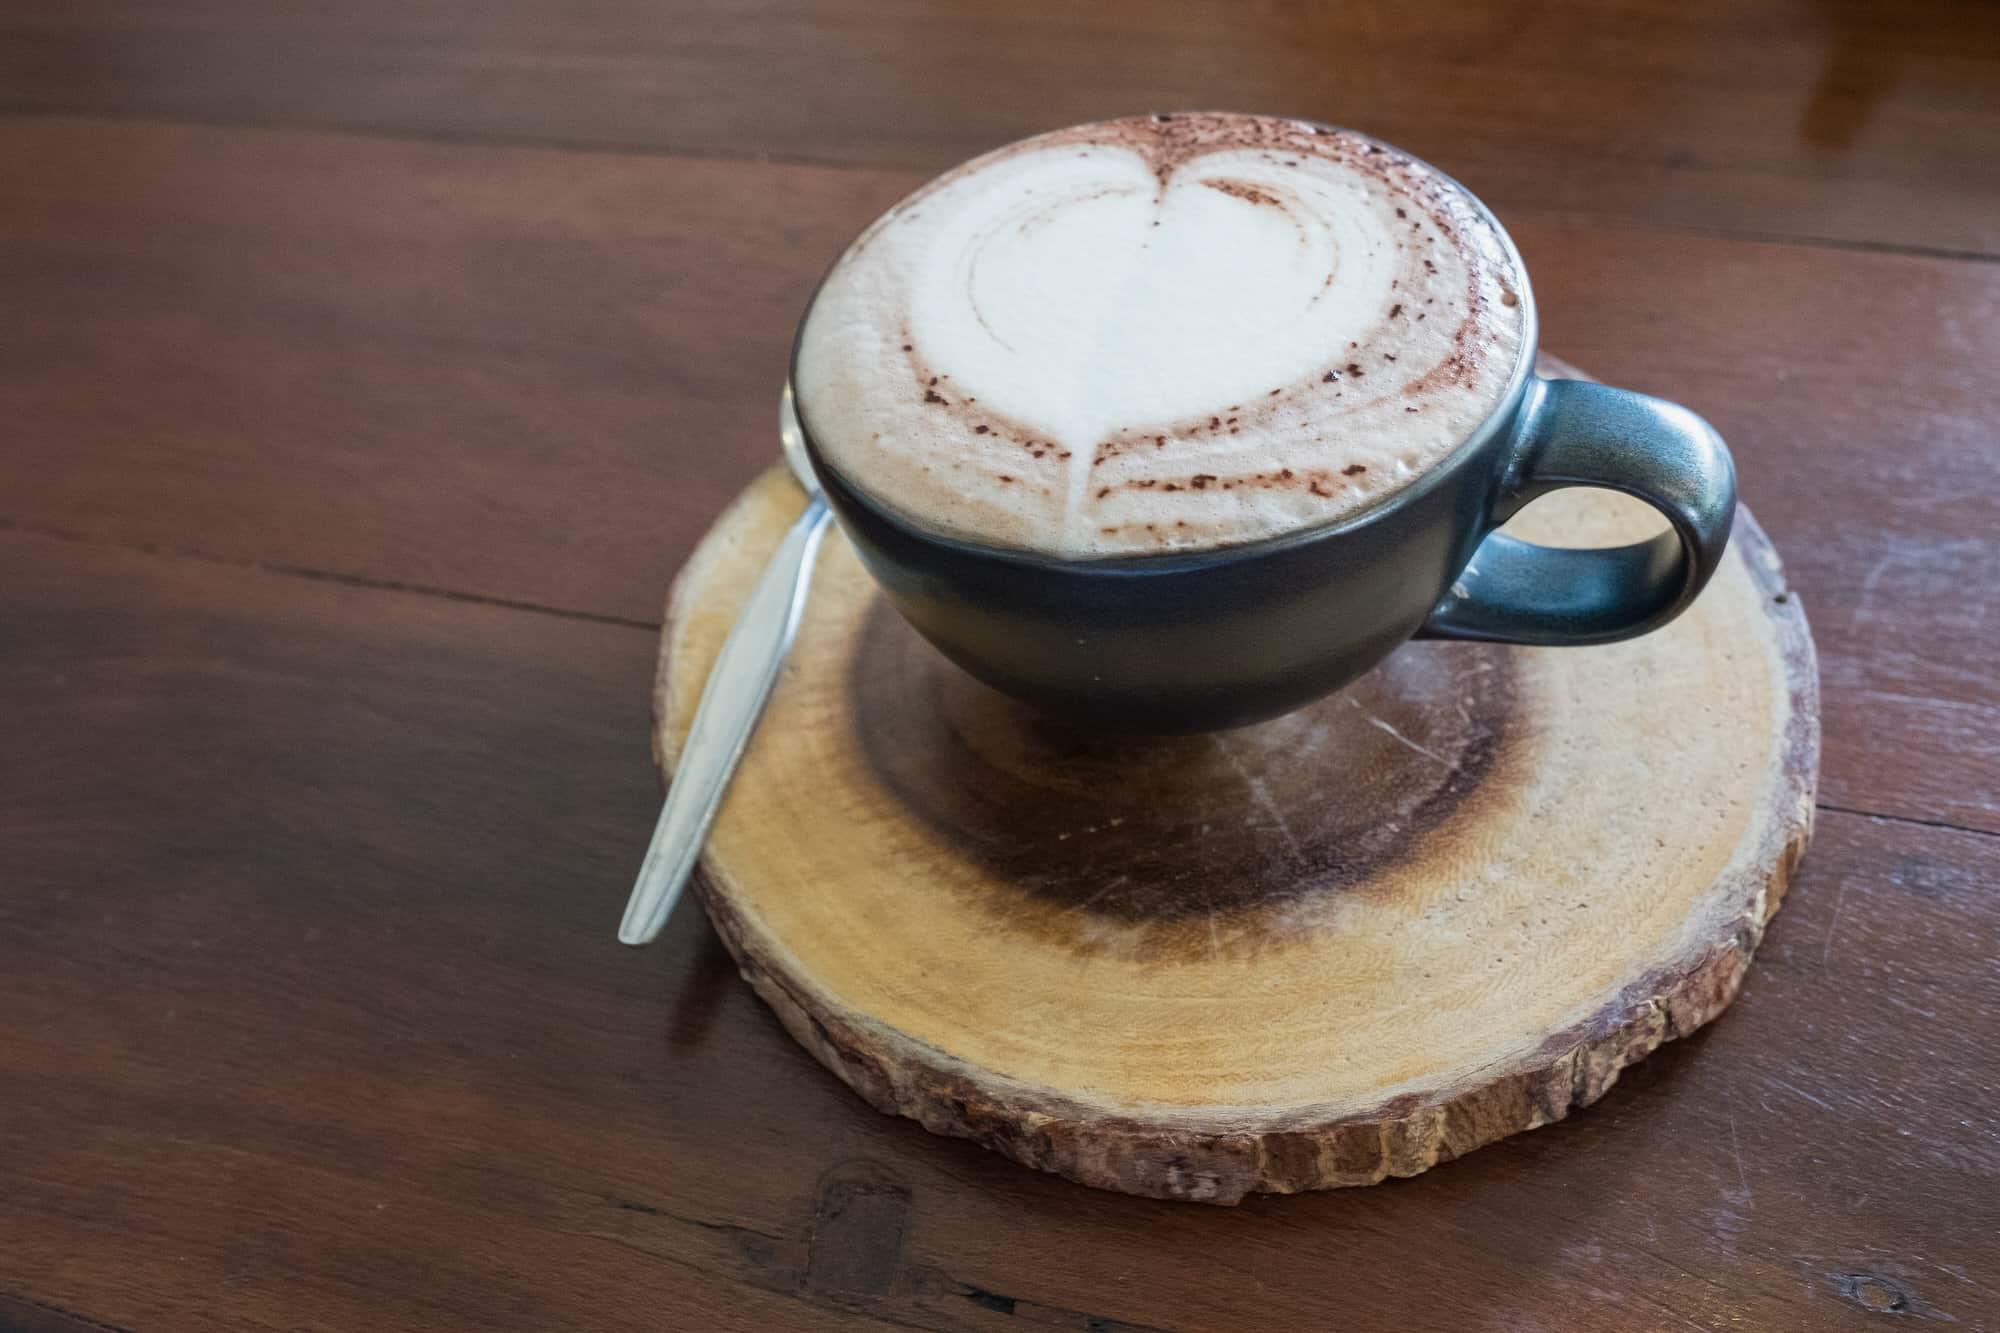 Kaffee wirkt - So zaubert Kaffee das Lächeln ins Büro